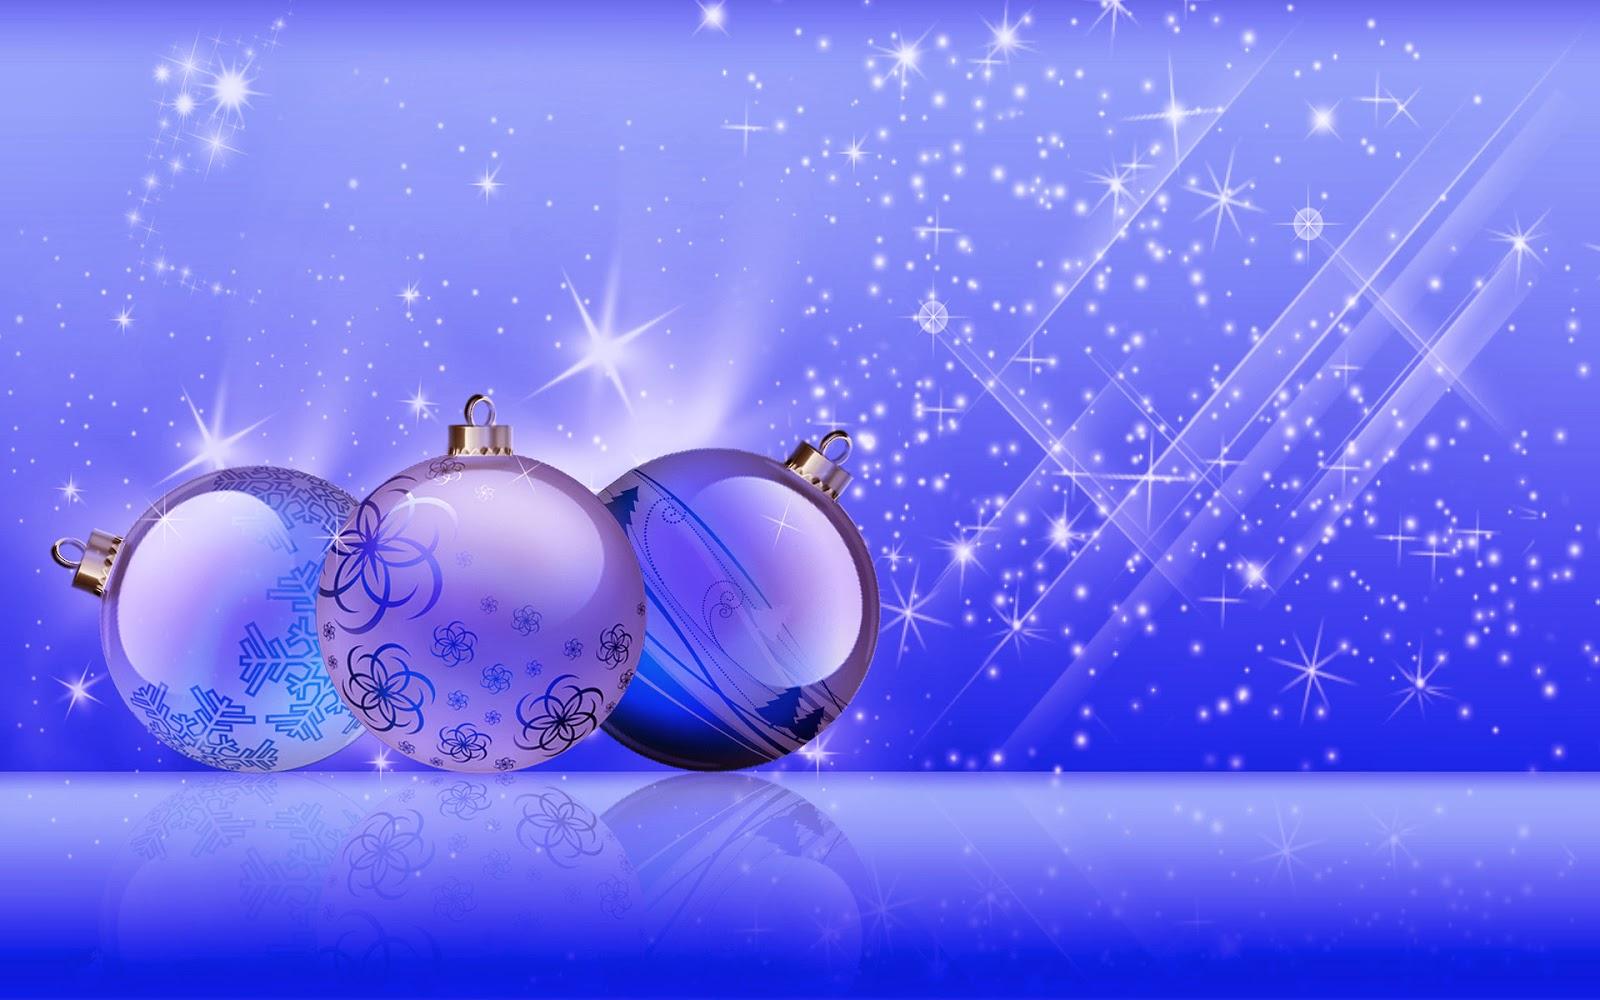 Frohe weihnachten mein kleiner blog - Bilder weihnachtskugeln ...